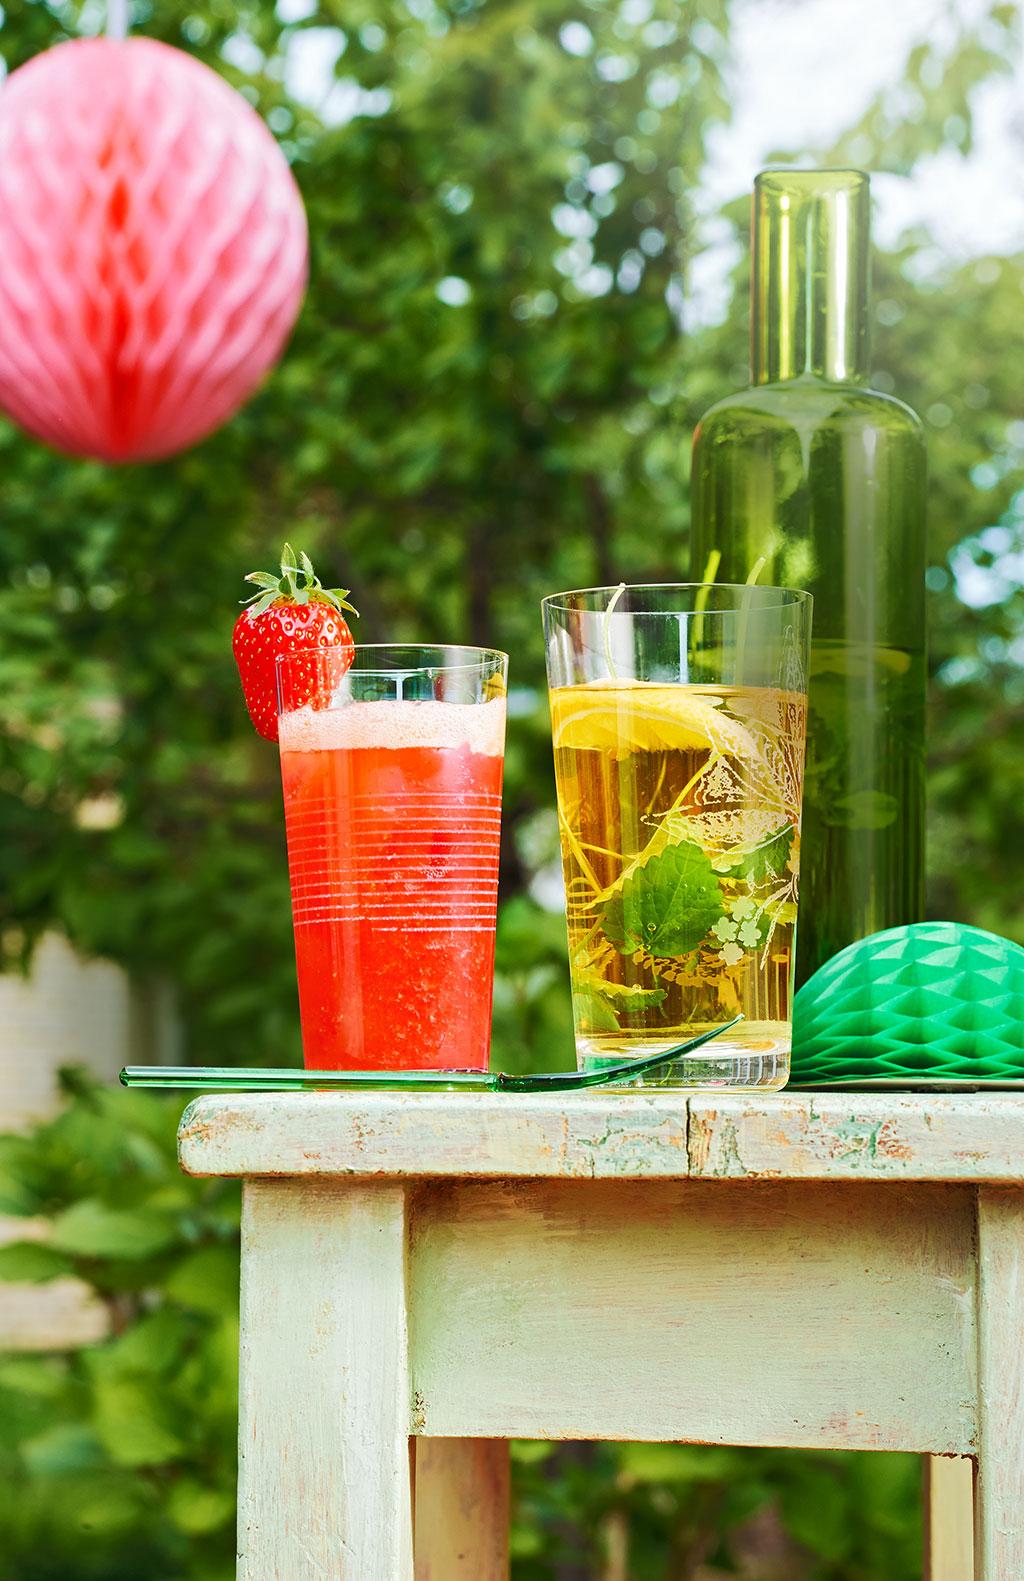 Getränke-Sirup selbst gemacht - Sirup – das Getränkewunder | Chefkoch.de